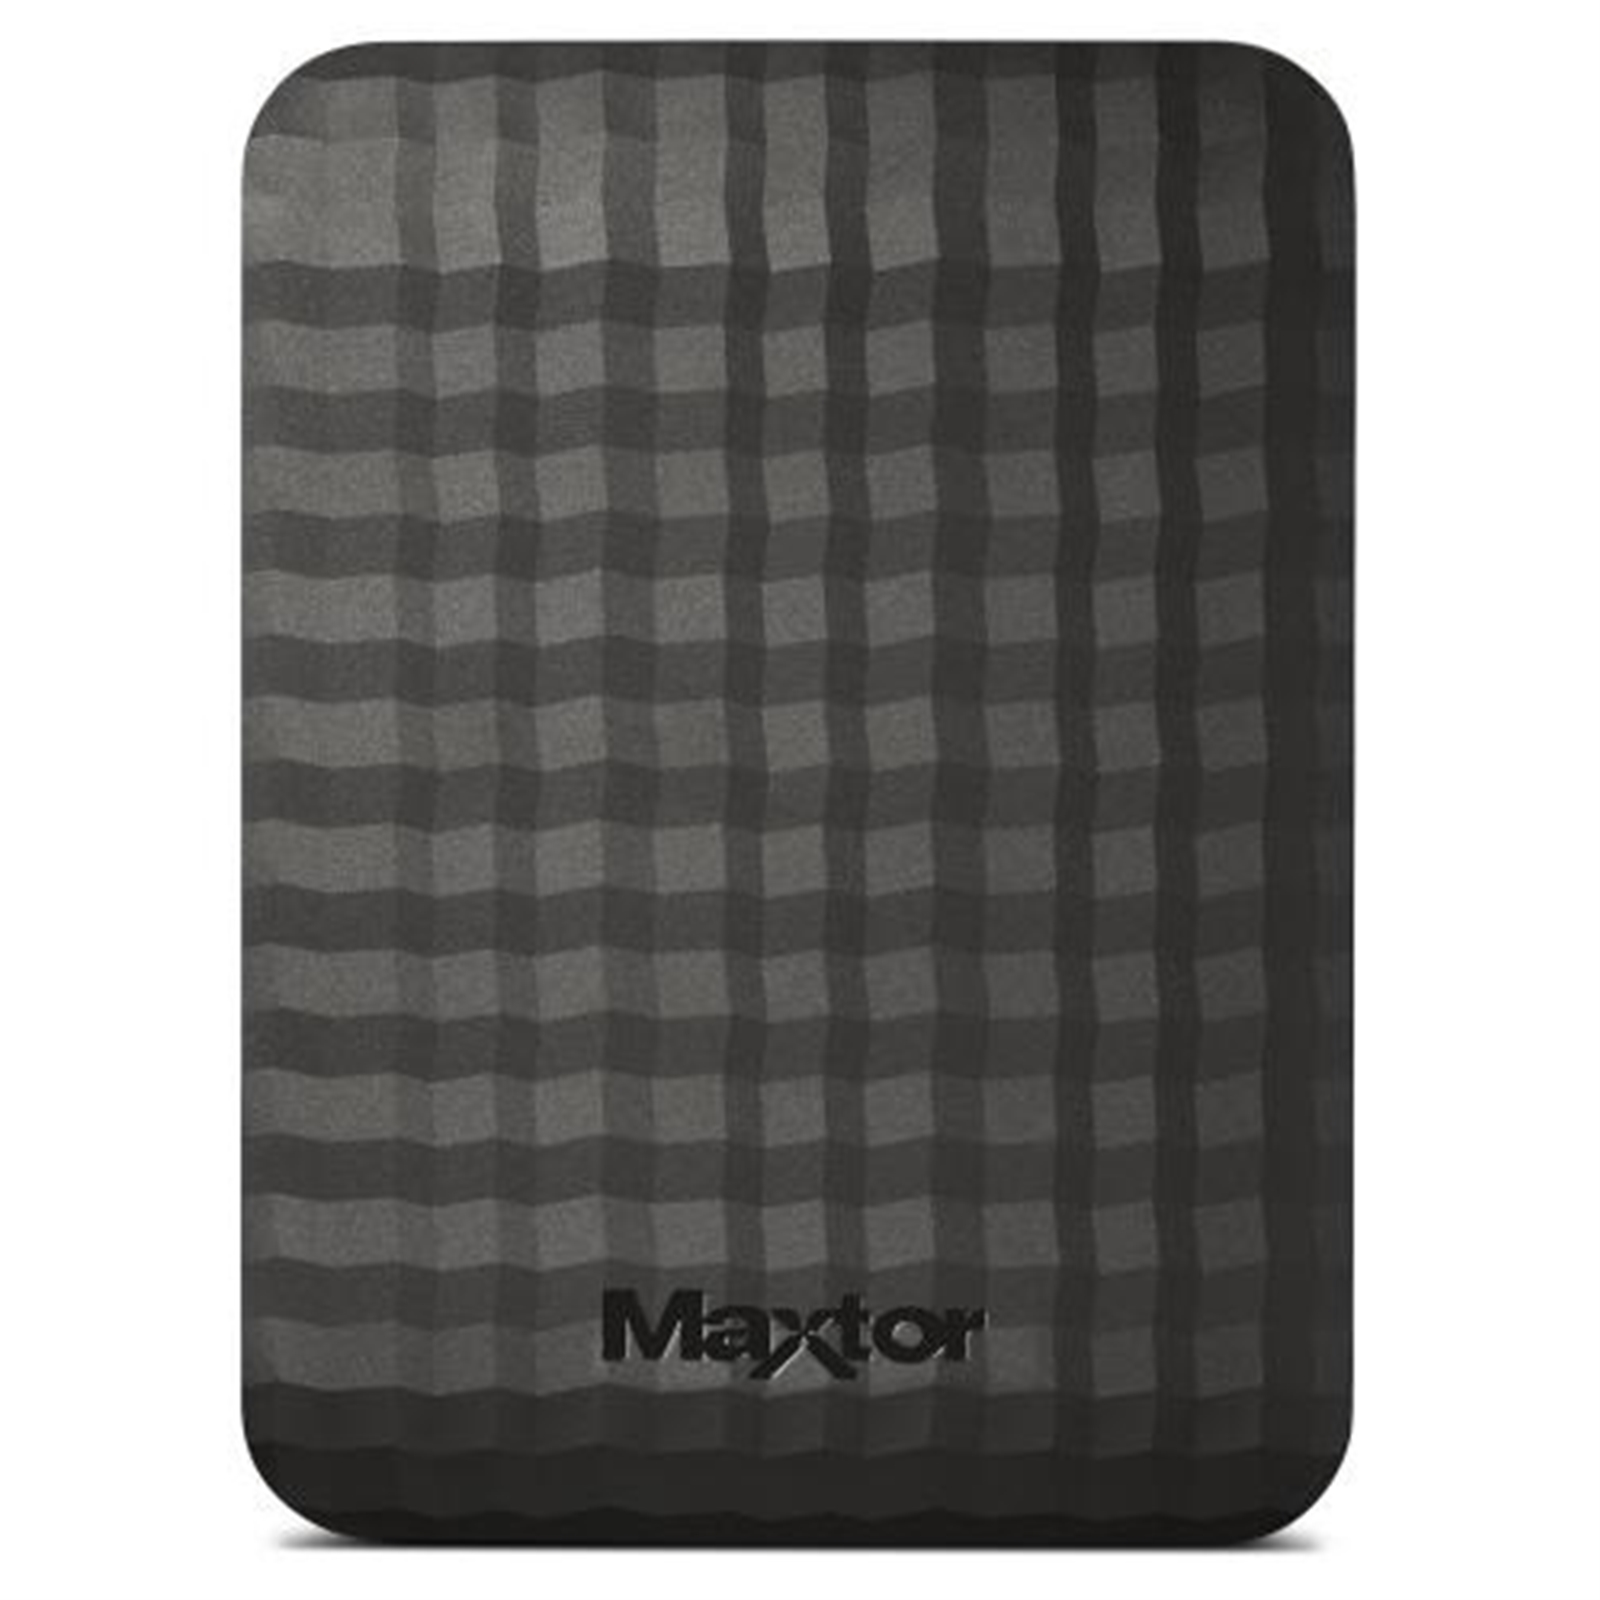 Maxtor M3 1TB USB 3 Portable Drive